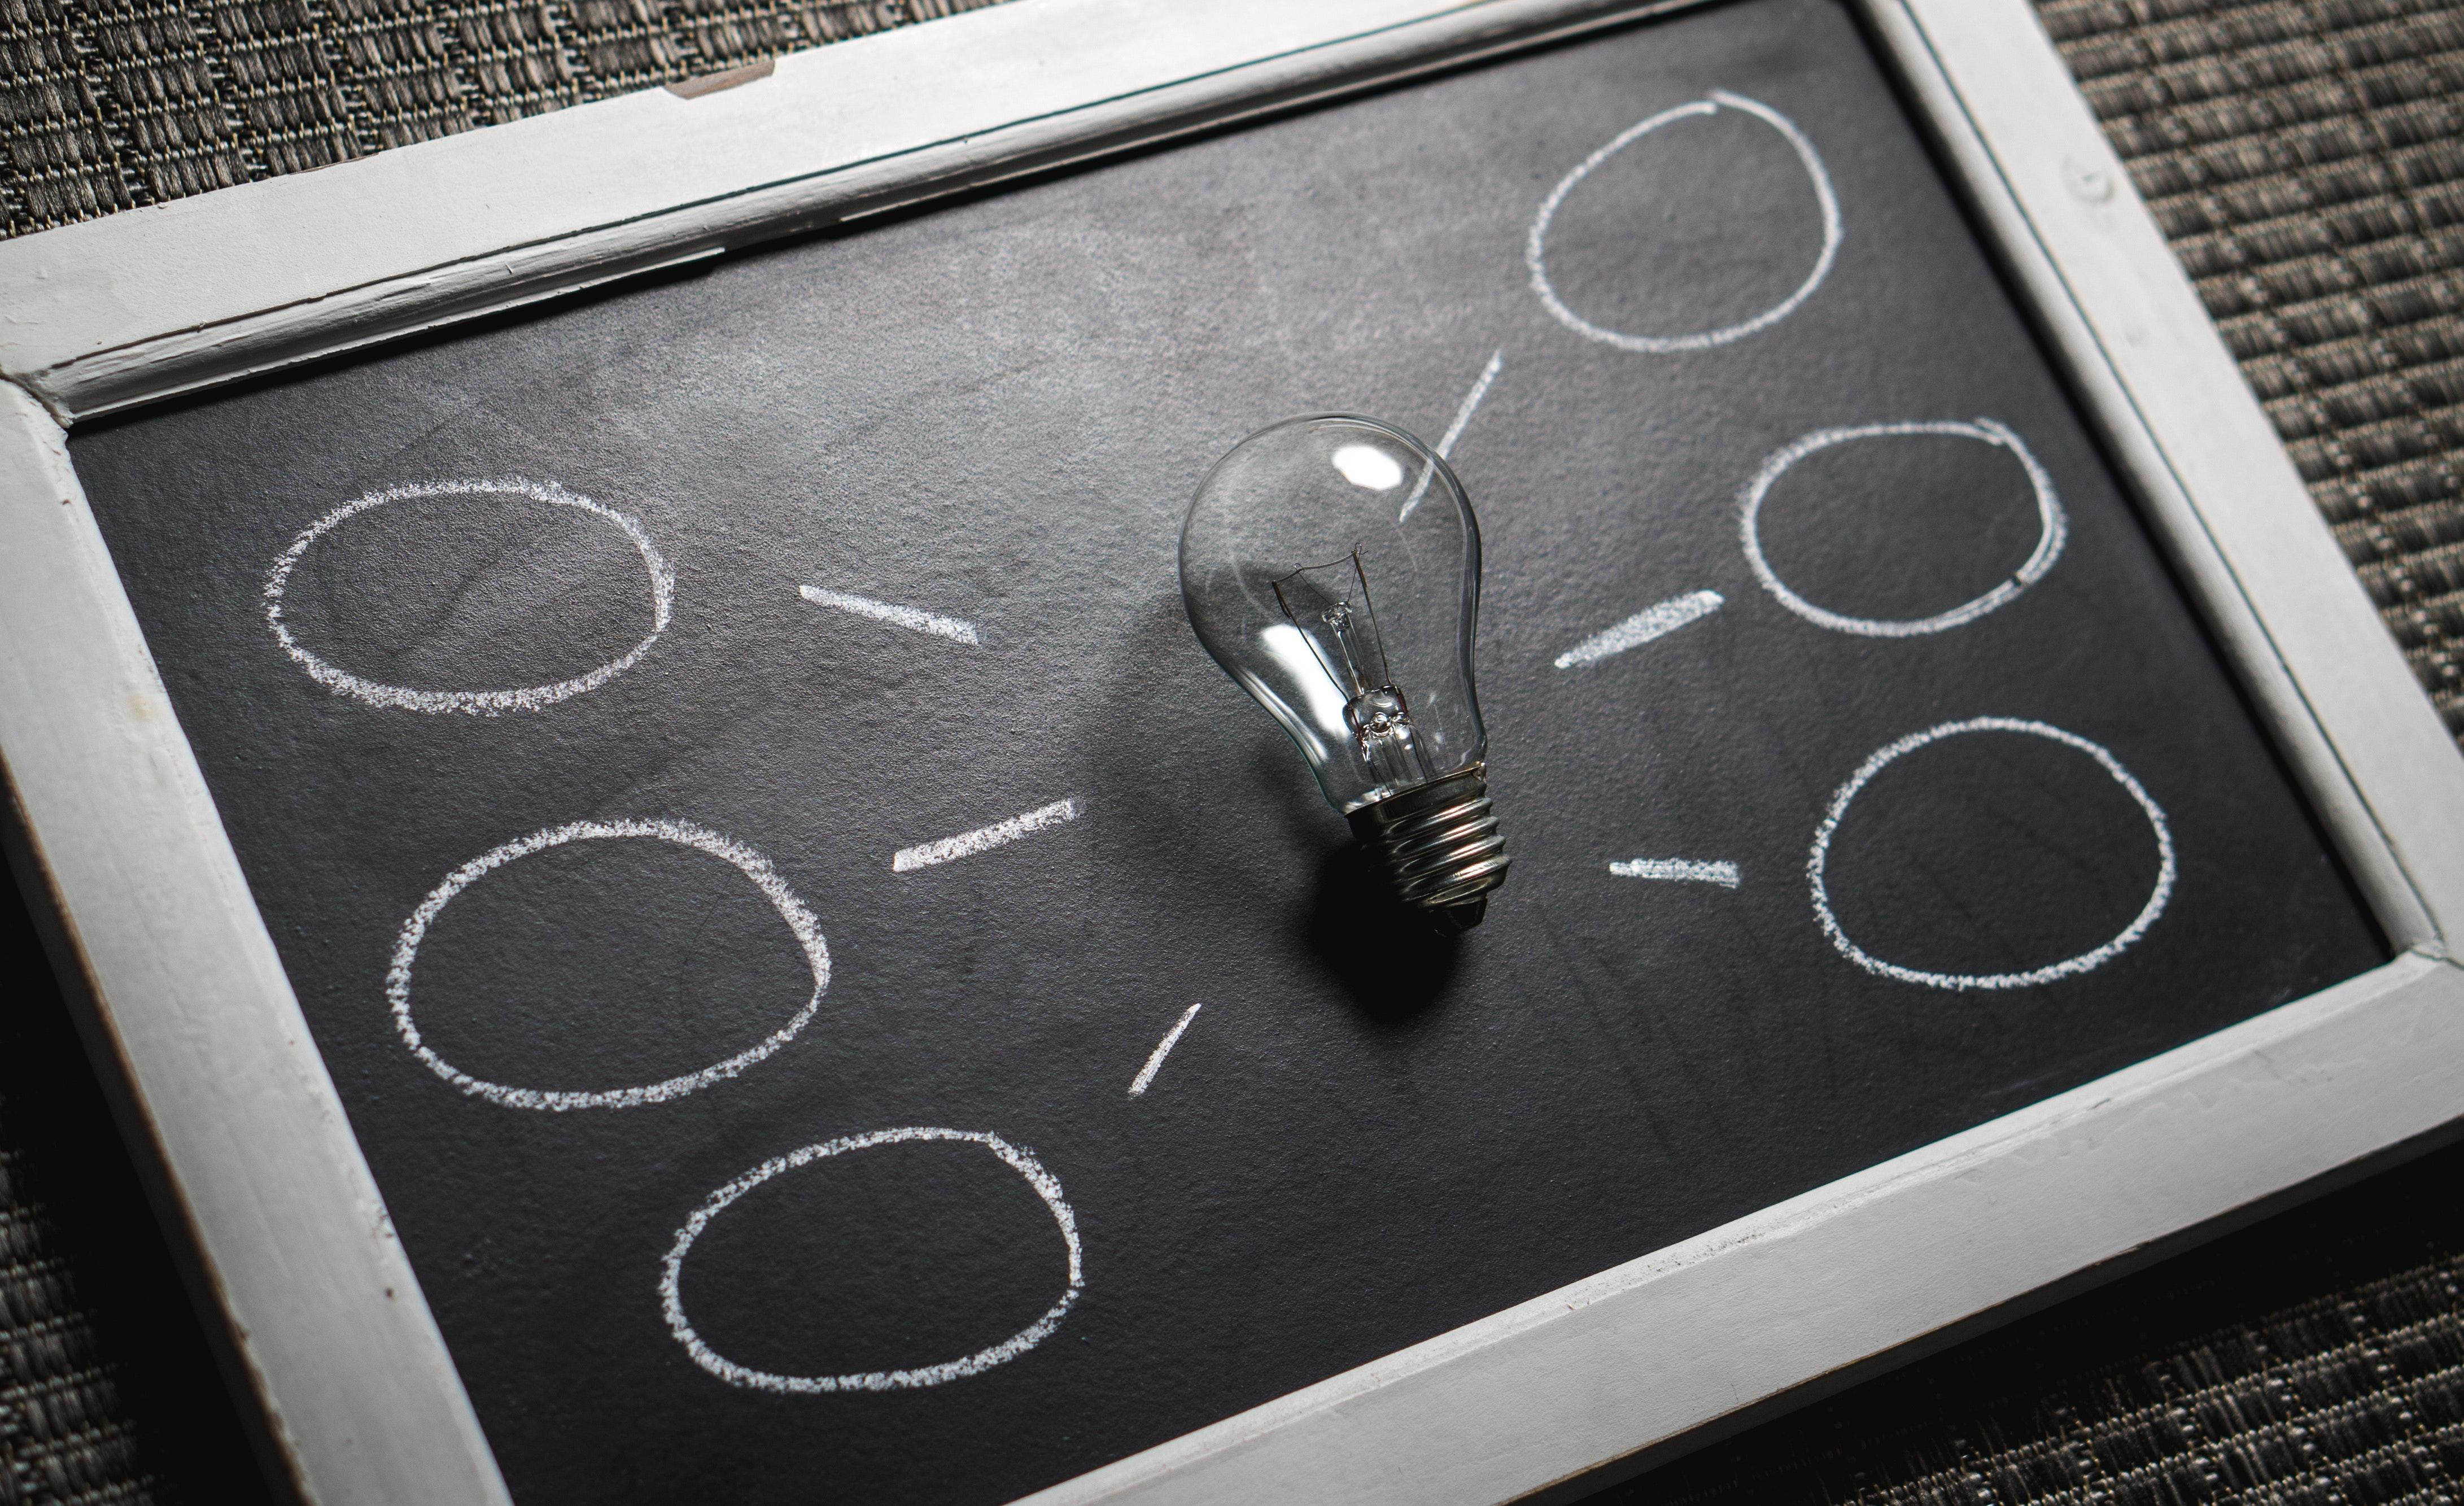 Photo actualité L'analyse transactionnelle, une approche pour améliorer la communication interpersonnelle